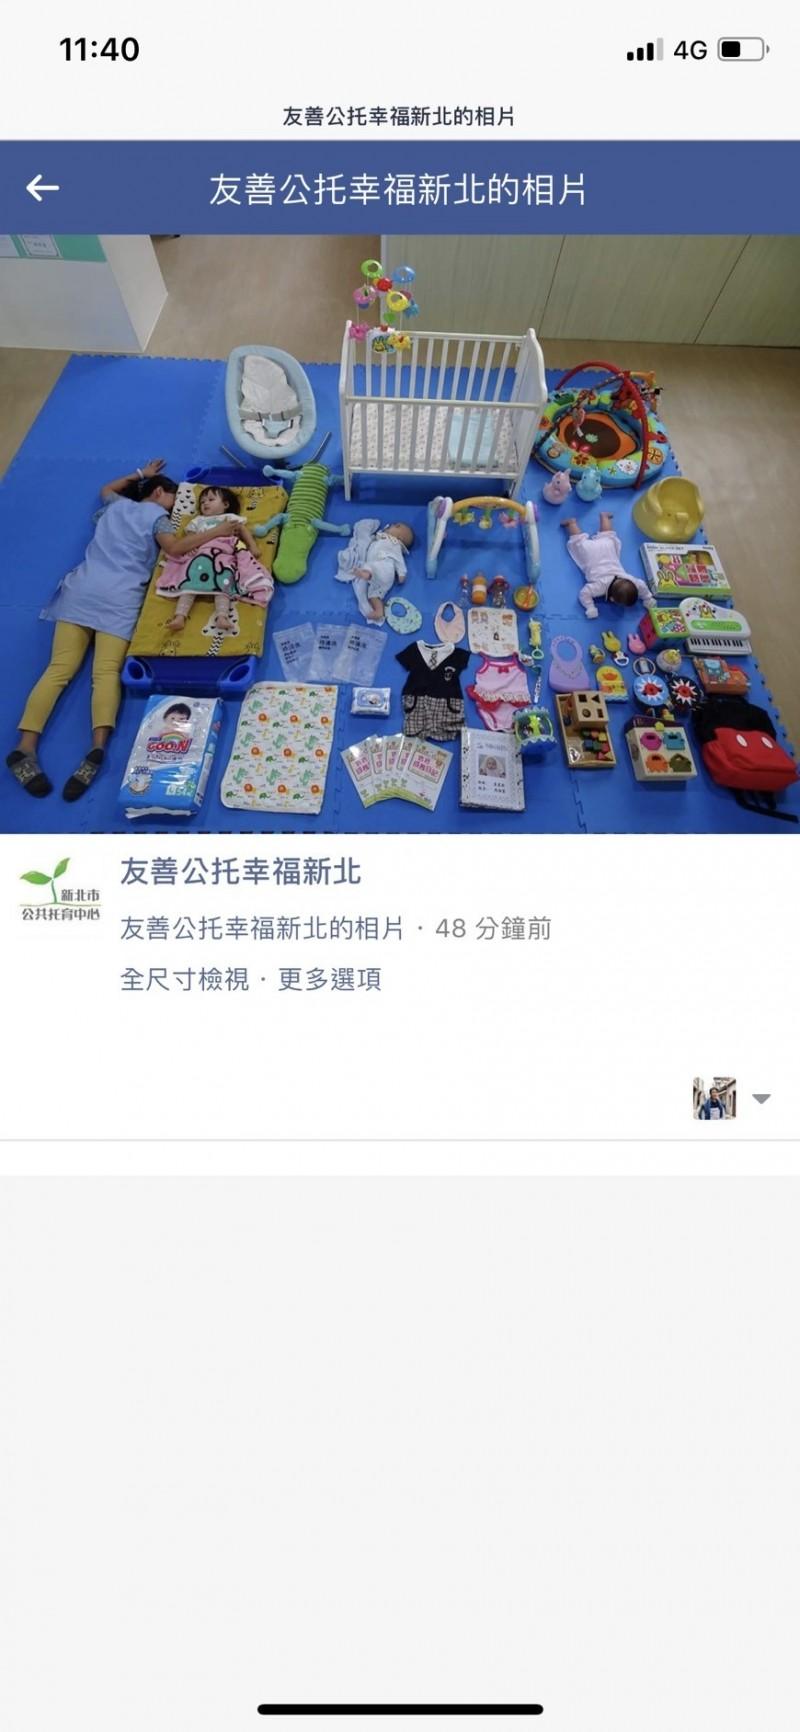 錦和托育中心的「開箱文」,也反映托育人員的辛勞。(擷取自新北市社會局臉書)